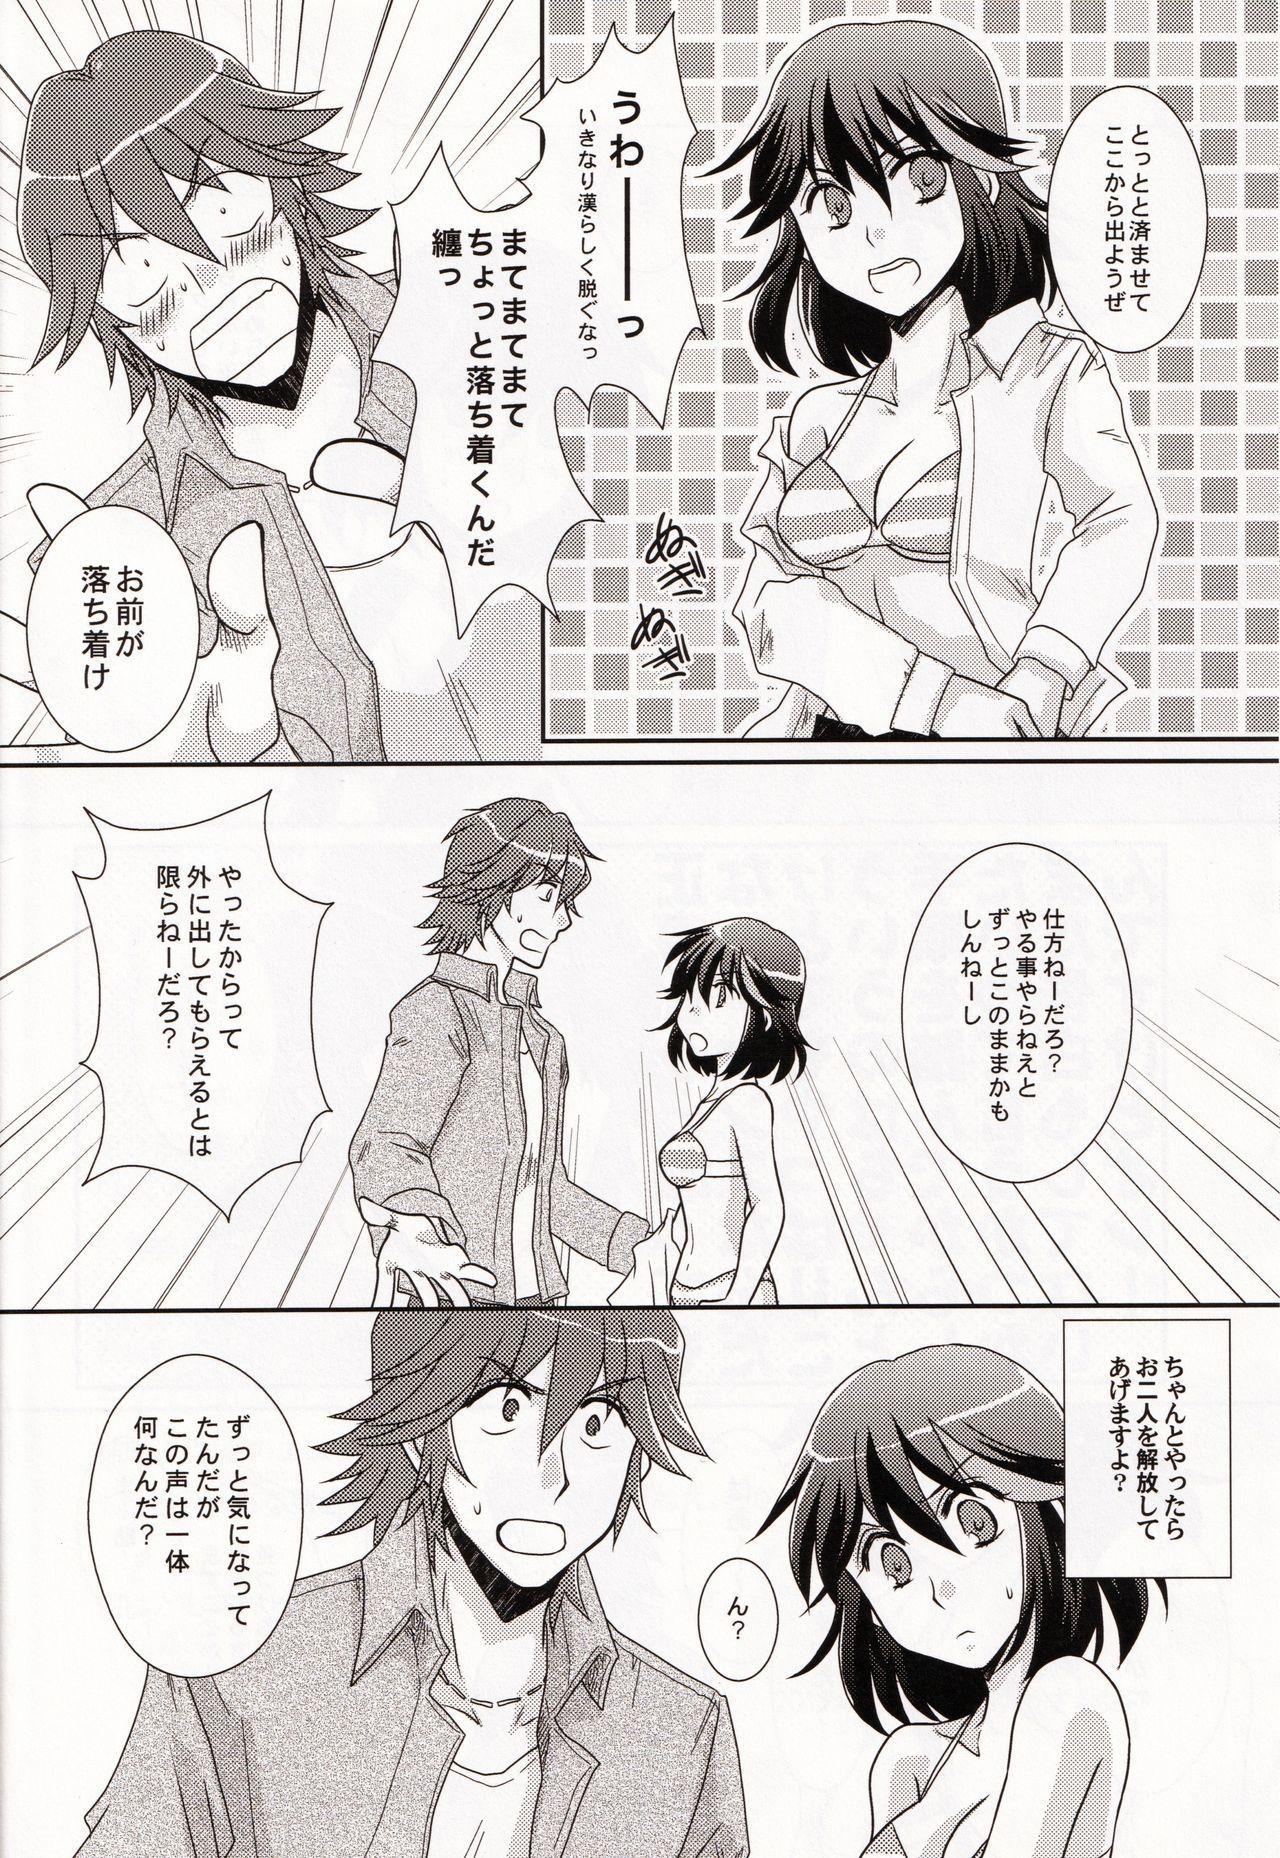 (SUPER26) [Ishin Denshin (Yuusa Riki)] Ore no Kanojo (Kari) ga Otokomae Sugite Mou Horeru shika Nai. (Kill la Kill) 5